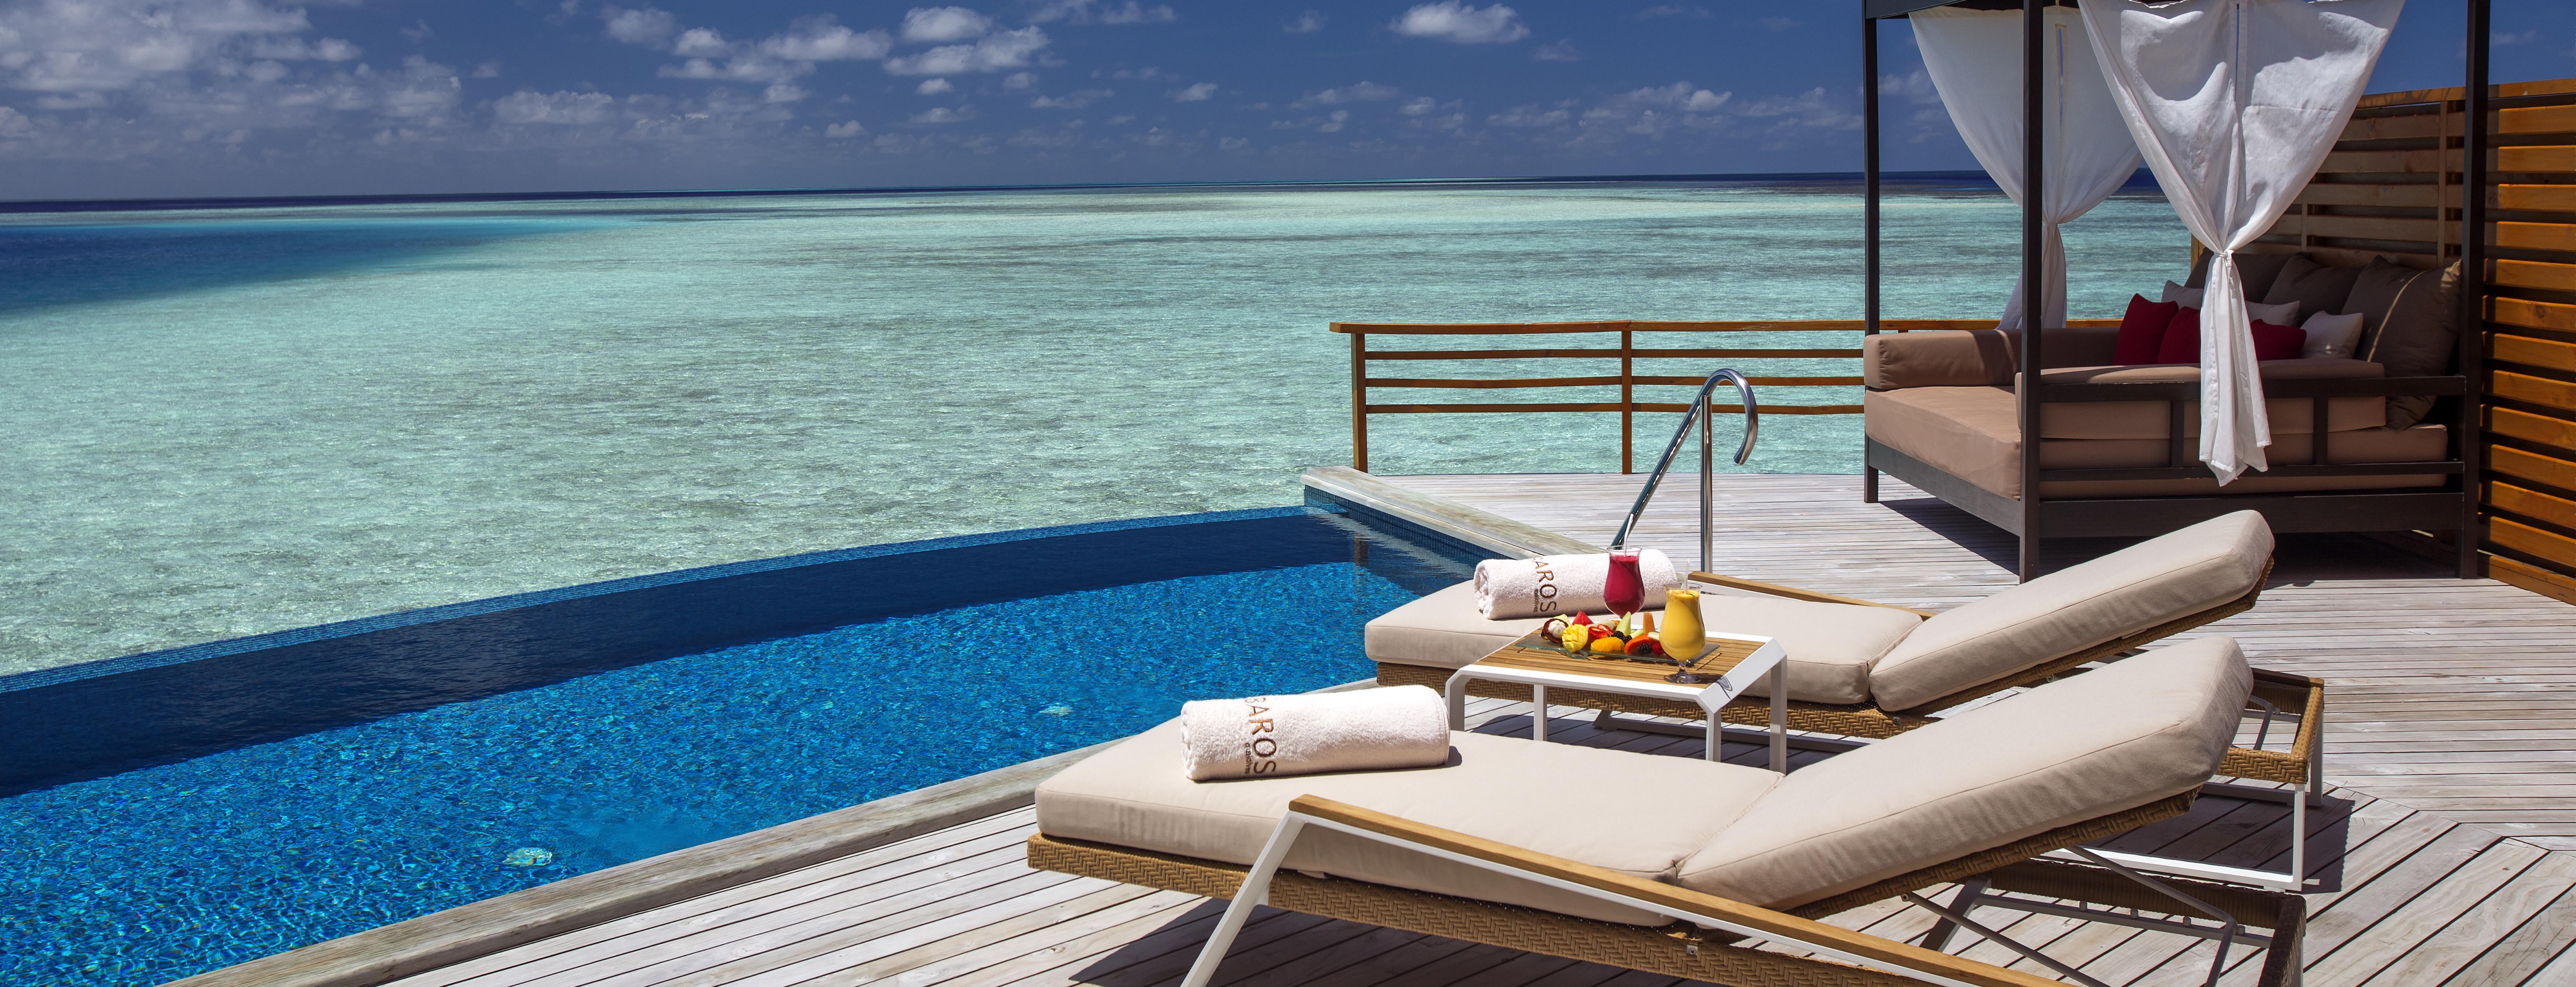 baros-water-pool-villa-deck